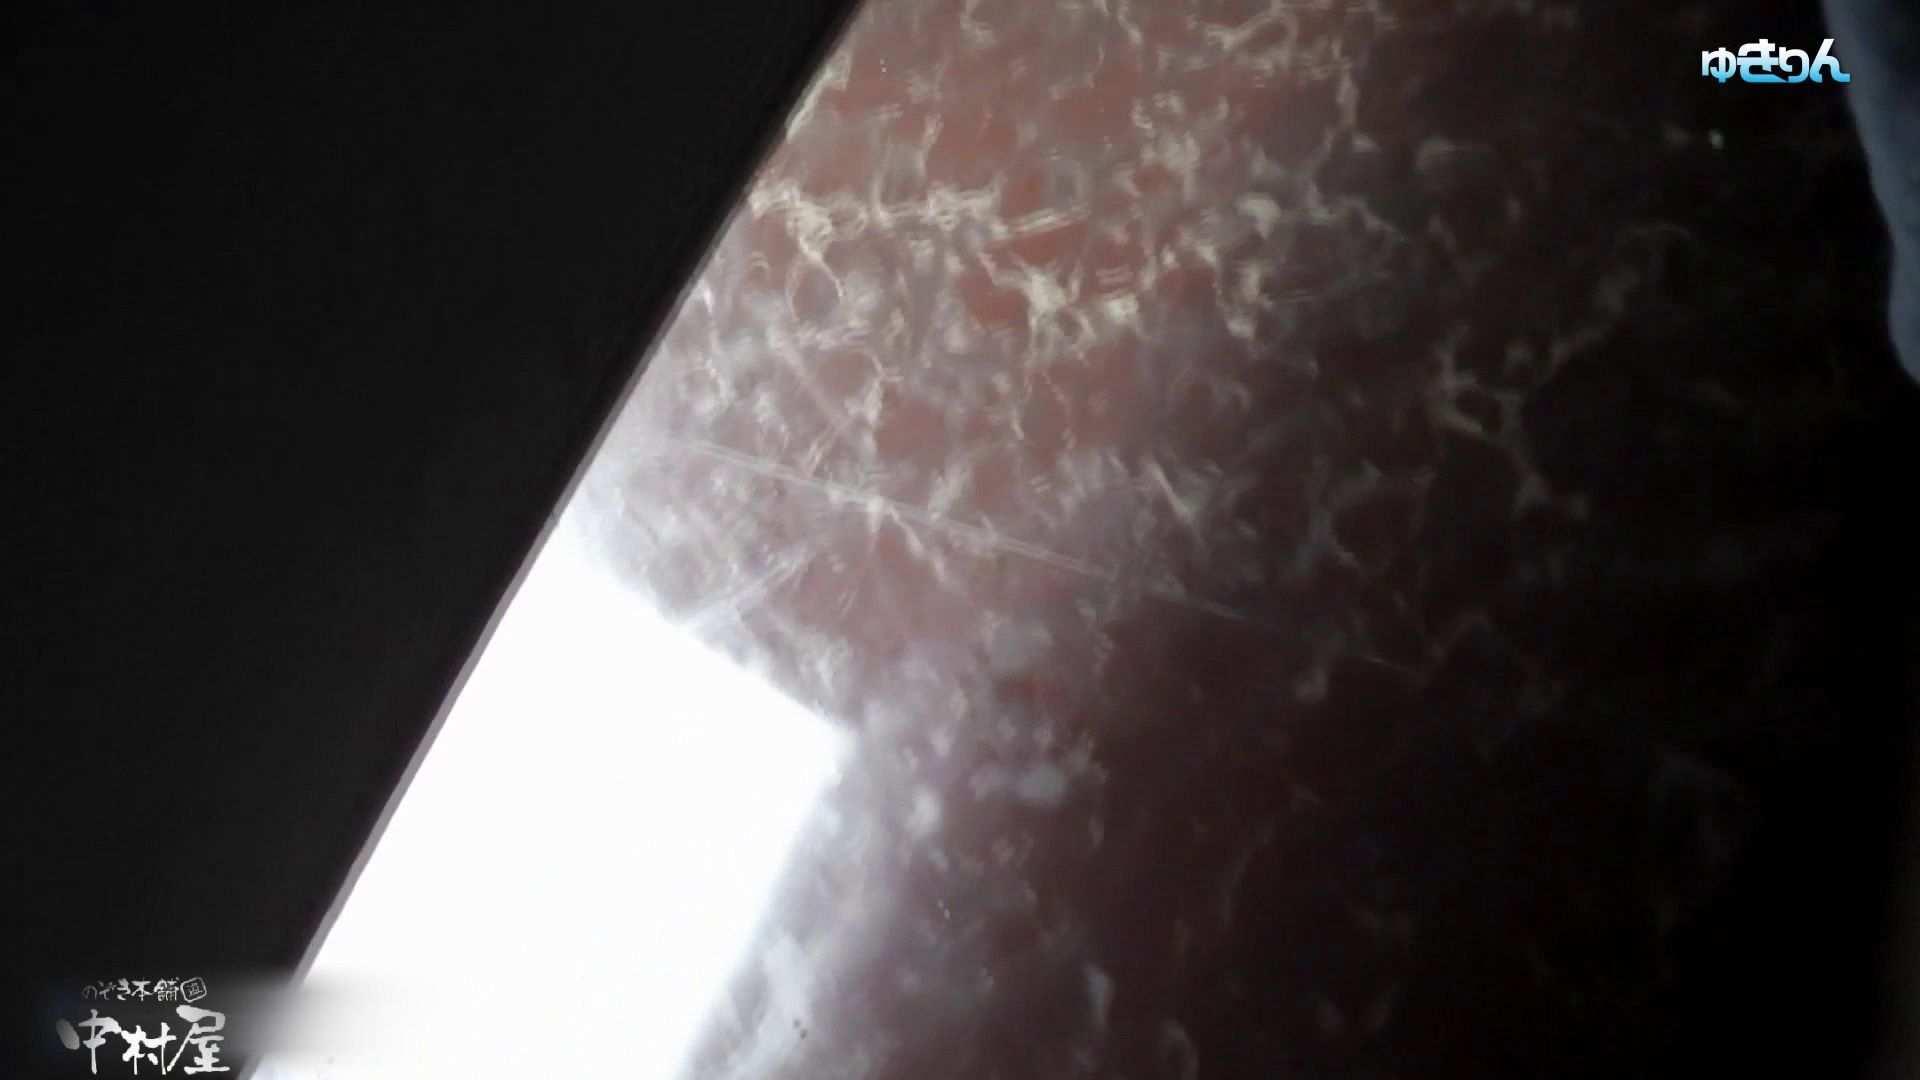 世界の射窓から~ステーション編 vol60 ユキリン粘着撮り!!今回はタイトなパンツが似合う美女 美女丸裸 | 美しいOLの裸体  100pic 3